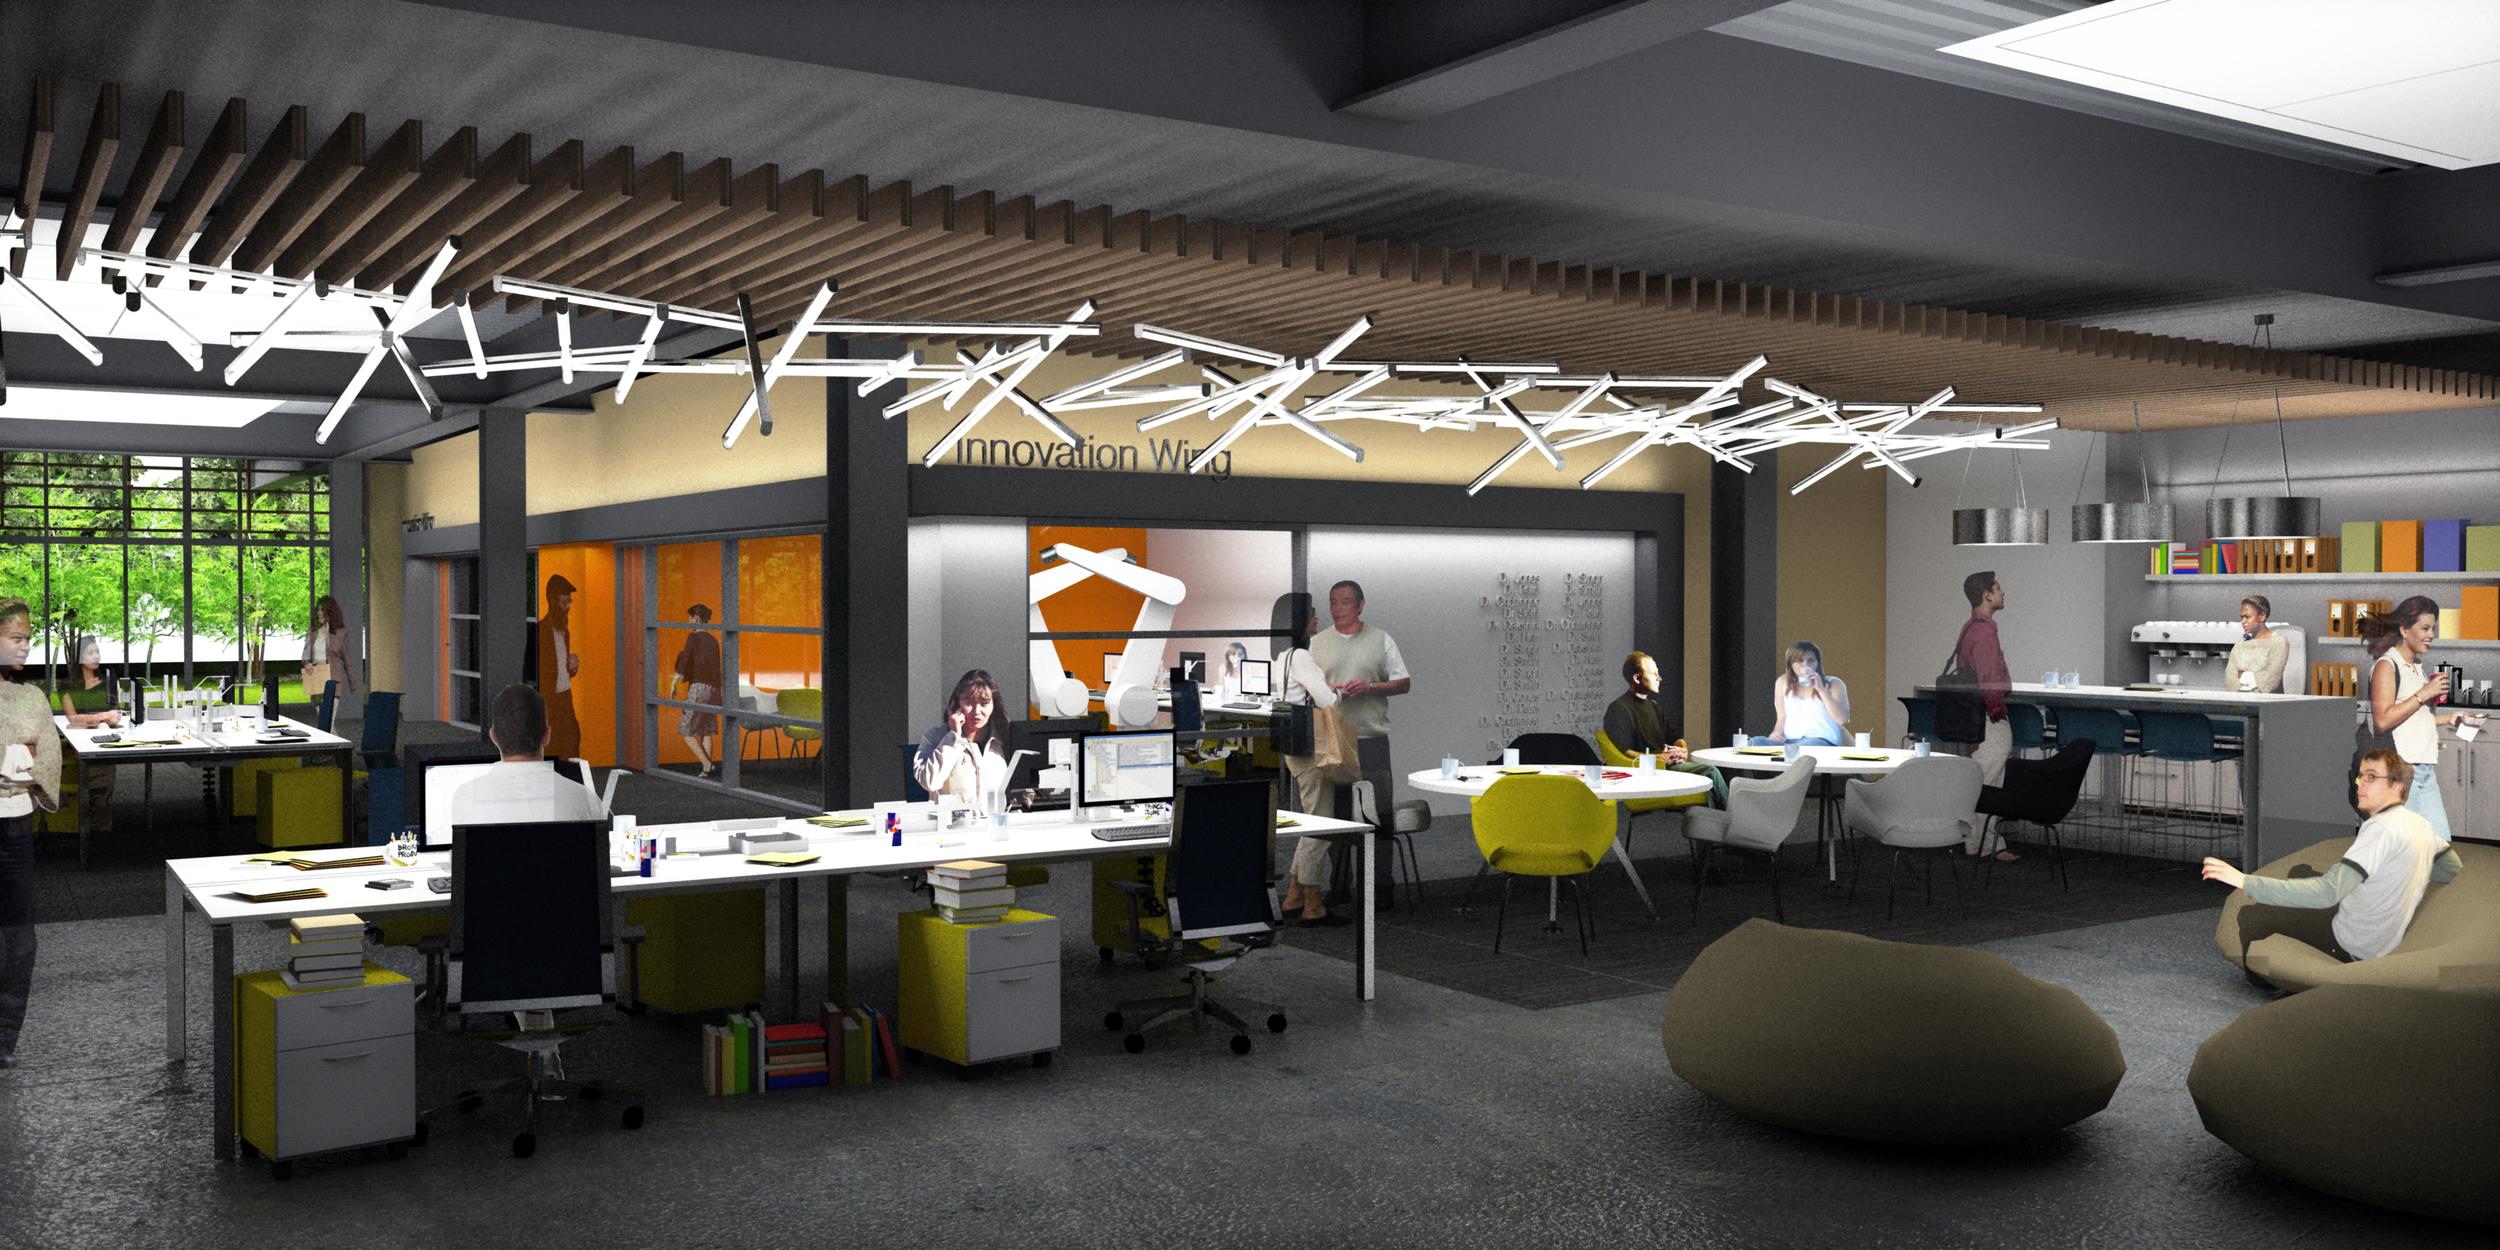 Entrepreneur Wing 2012-10-10 HIGH RES.jpg